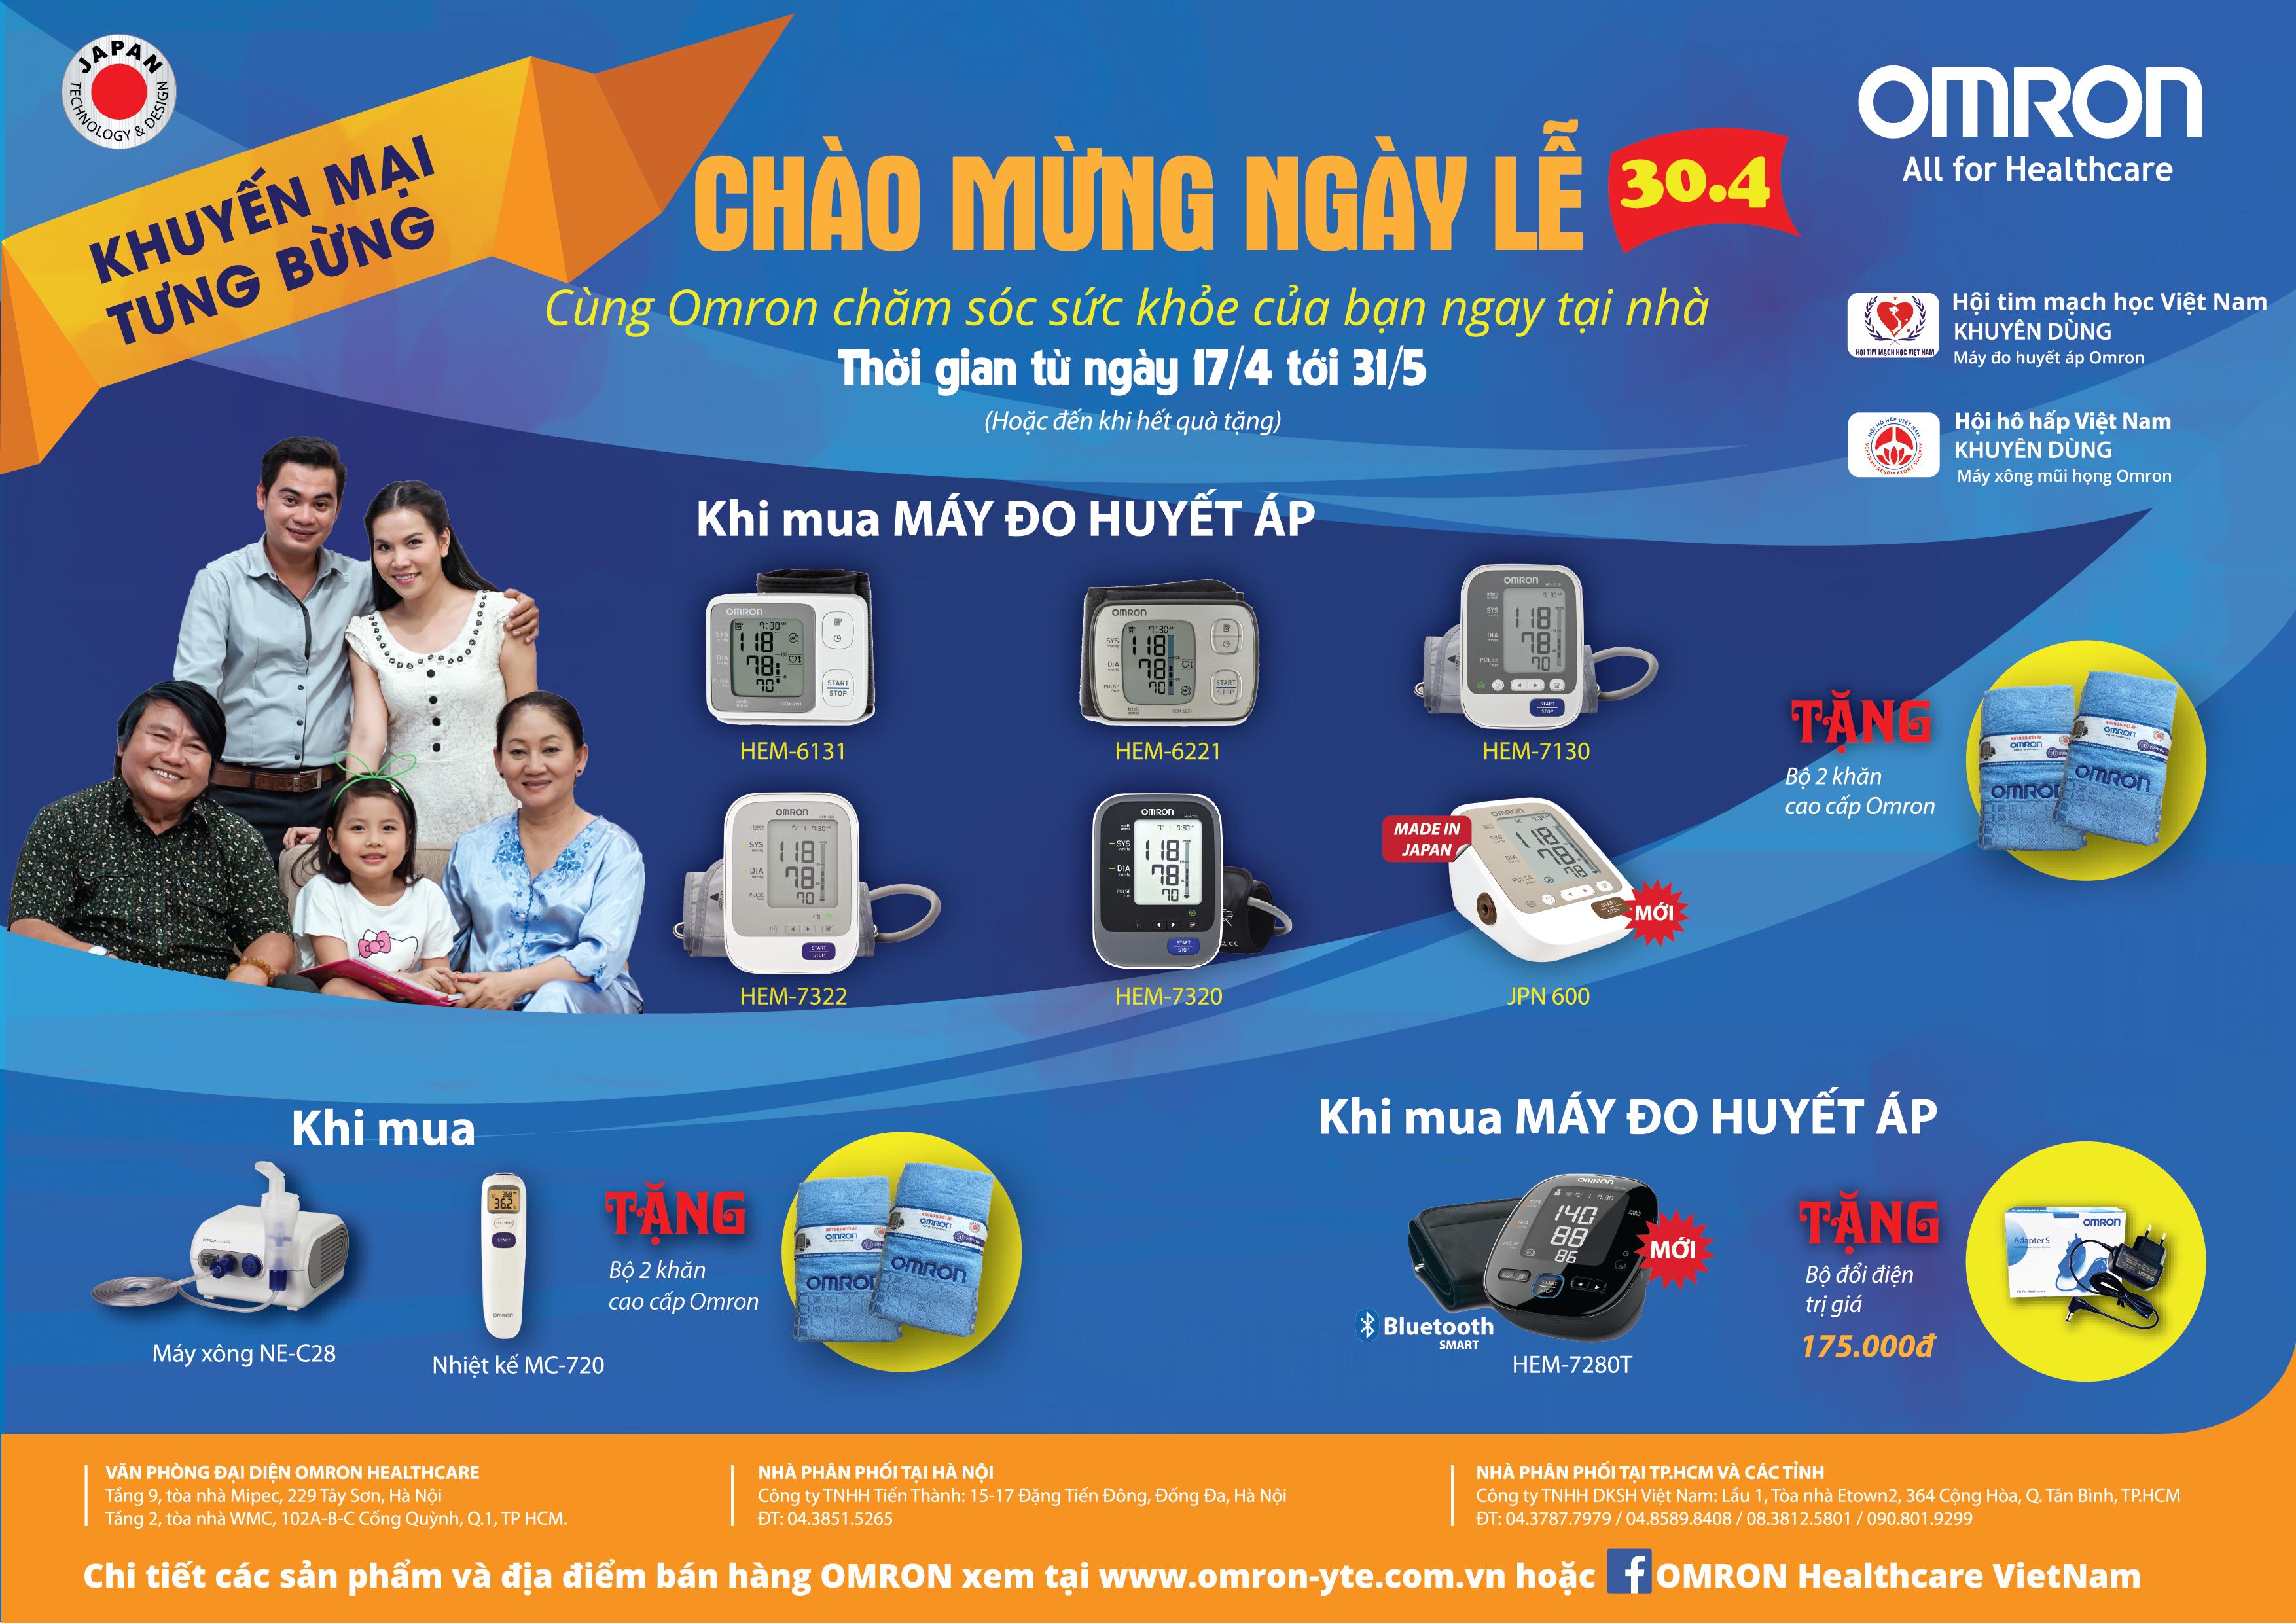 Chia sẻ của khách hàng Nguyễn Thị Lệ Hằng 2